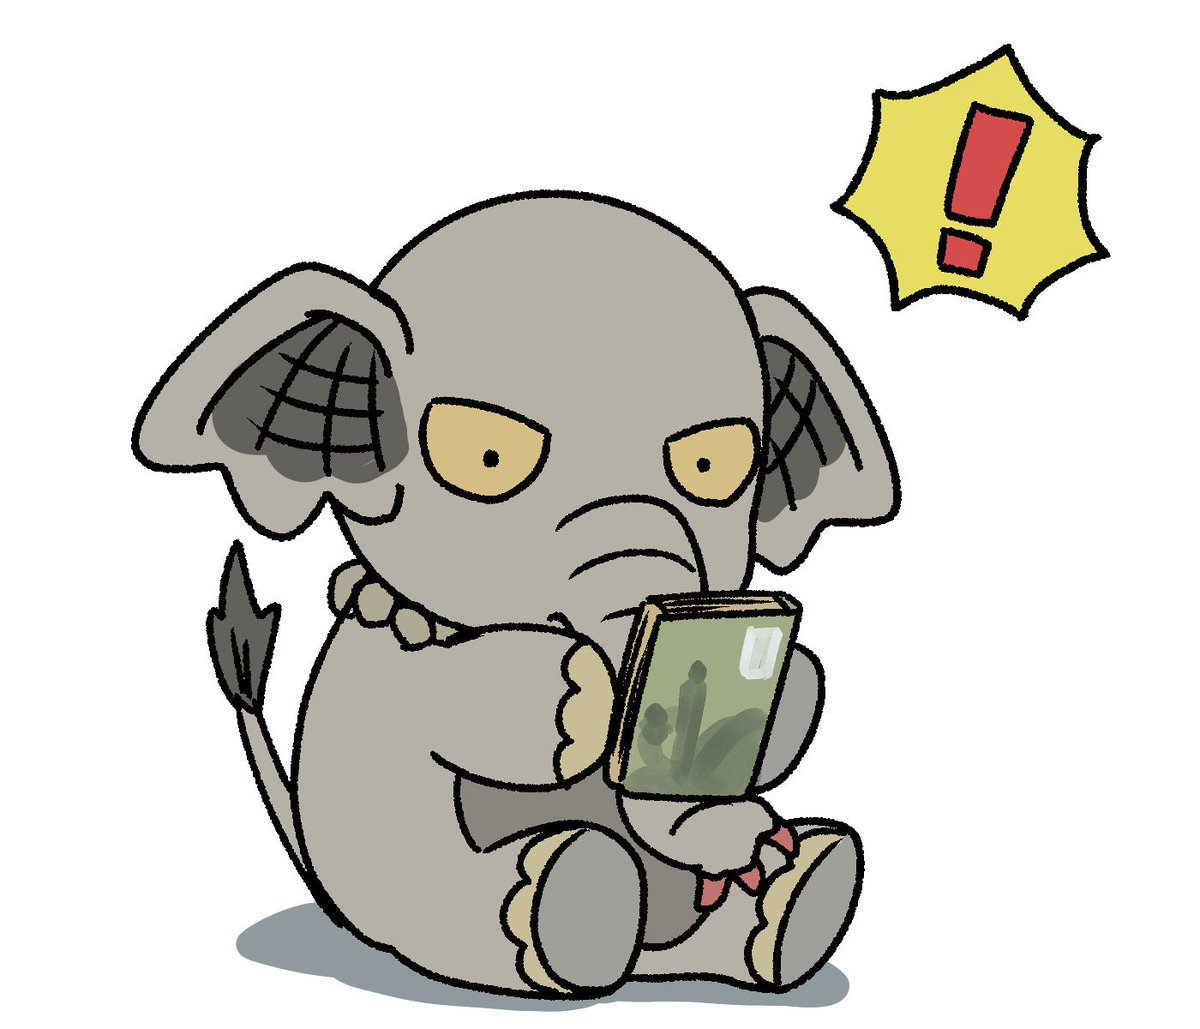 海野なまこ ゆるるふ神話シリーズ 宣伝 クトゥルフ様がめっちゃ雑に教えてくれる クトゥルフ神話用語辞典 発売中です 眷属の方が表紙に載っていて驚きを隠せない邪神 チャウグナル ファウグン